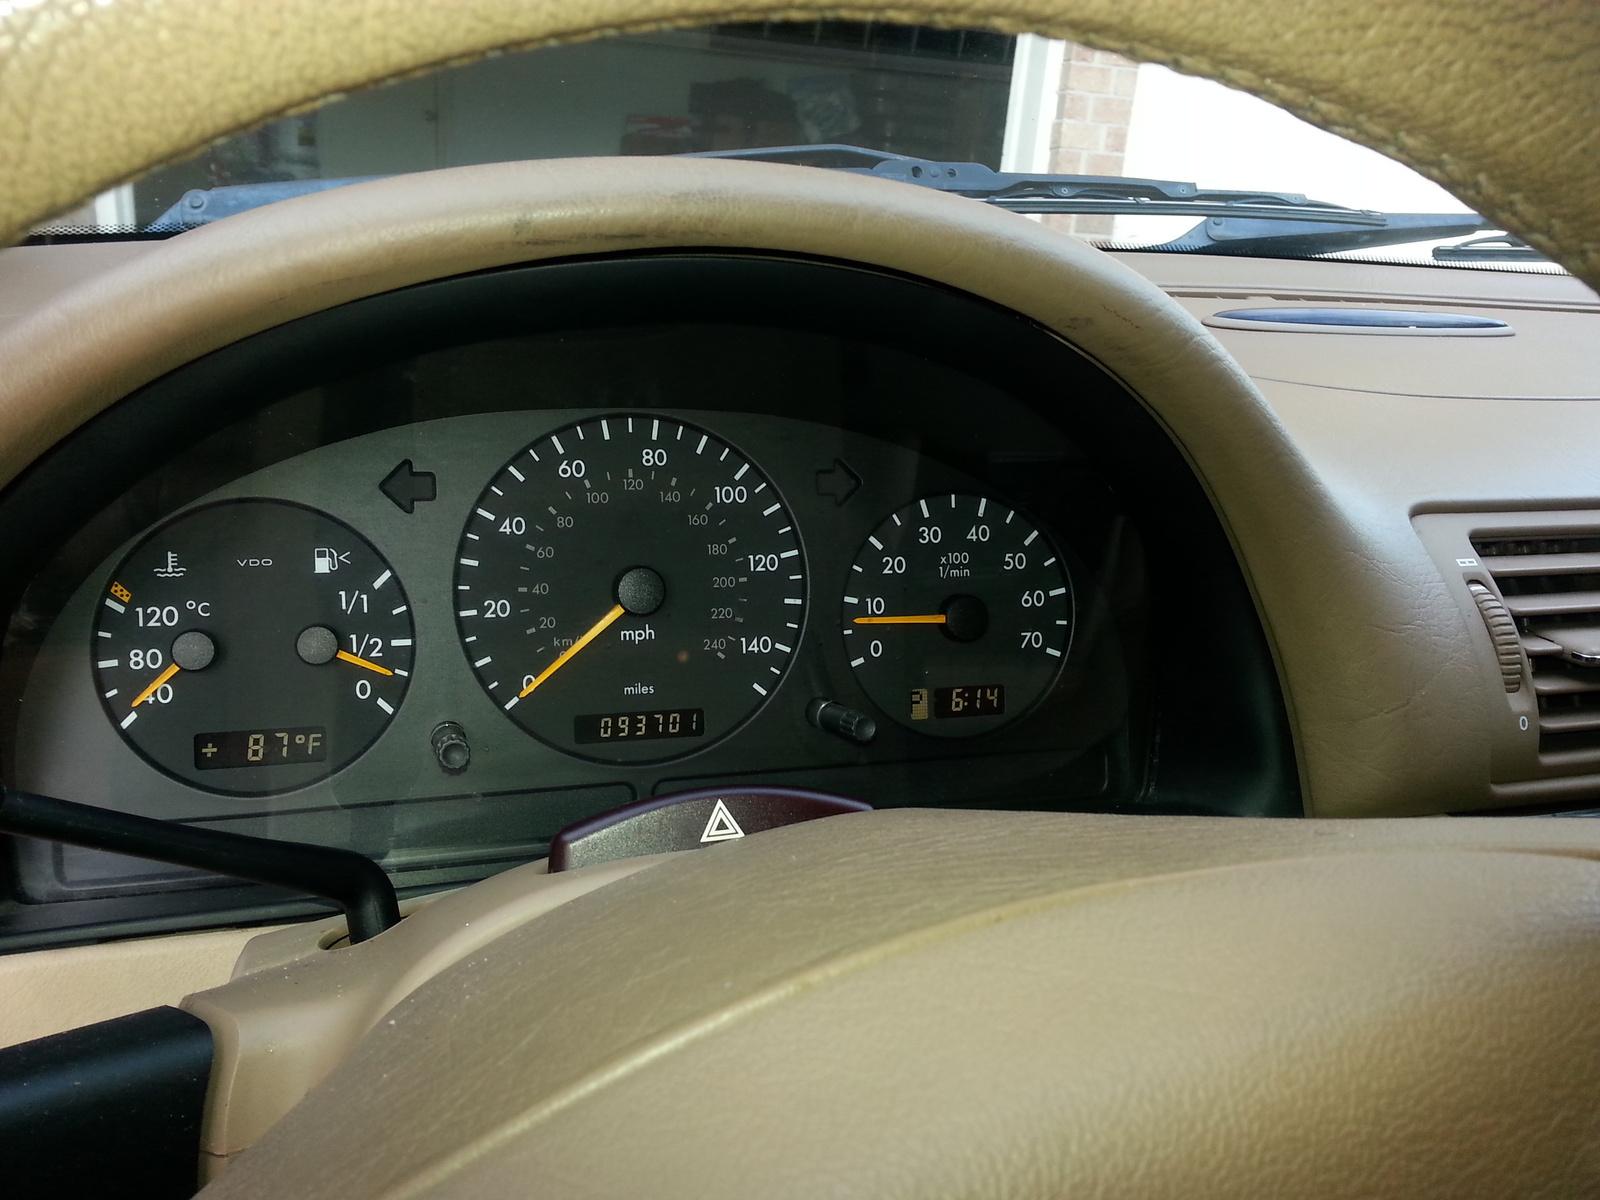 2004 mercedes benz m class image 7 for 2004 mercedes benz m class